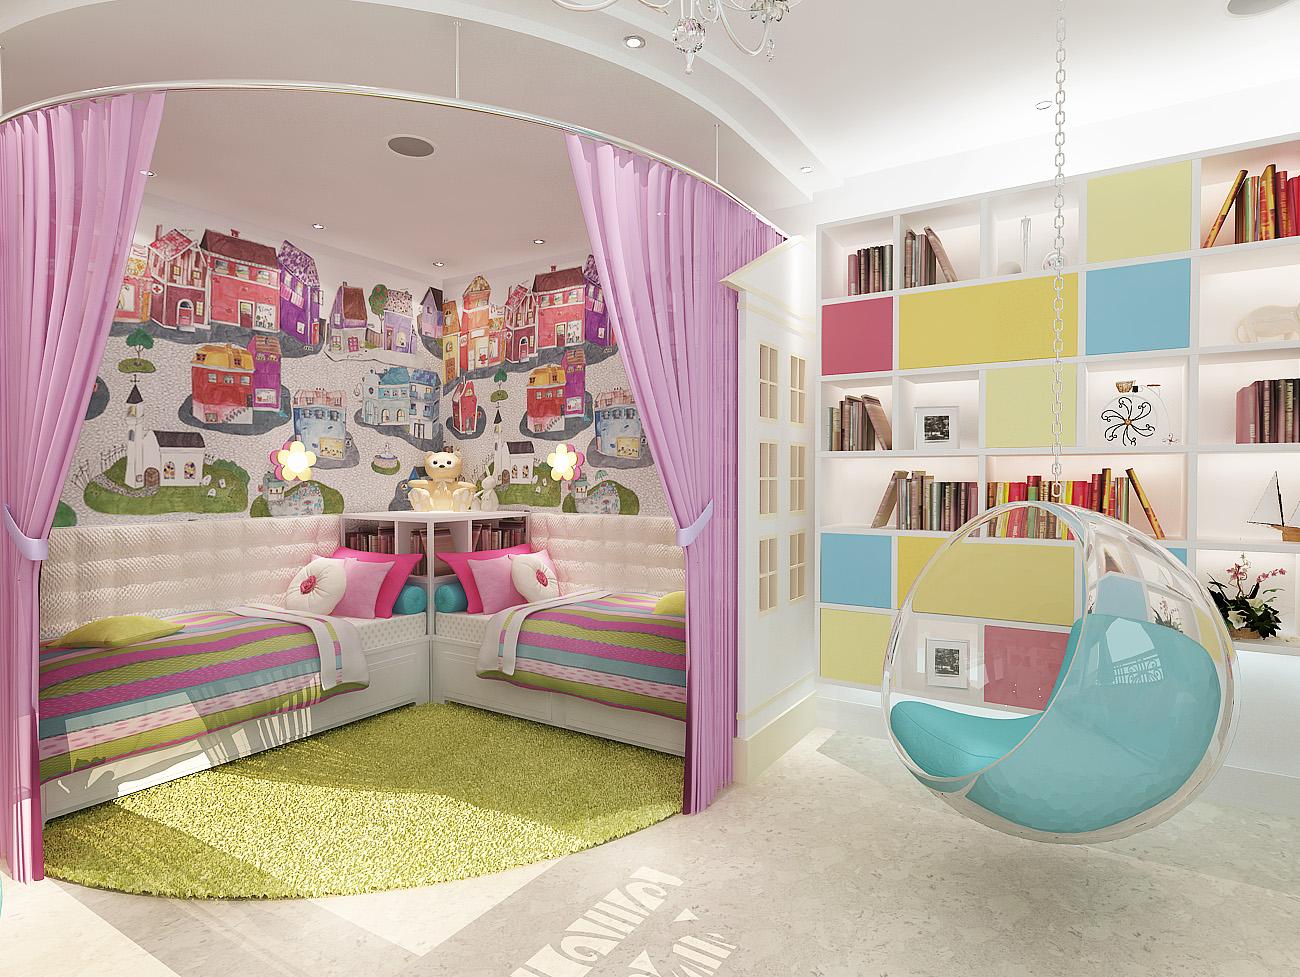 Дизайн-проект яркой детской комнаты 22 кв. м в классическом стиле для двух девочек